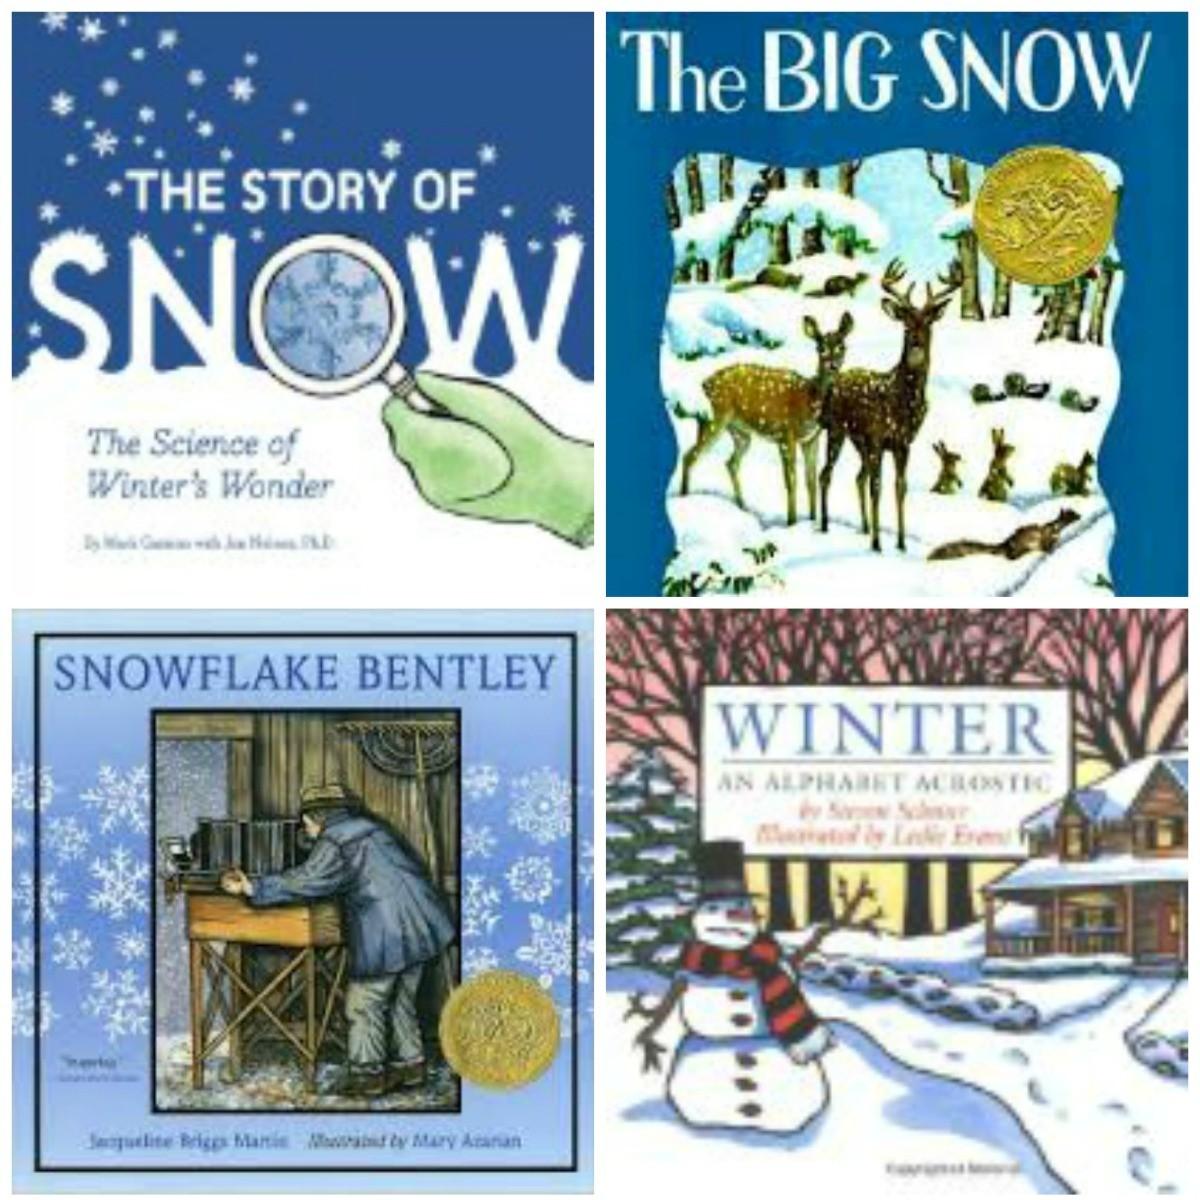 Fun indoor activities for kids to do in Winter